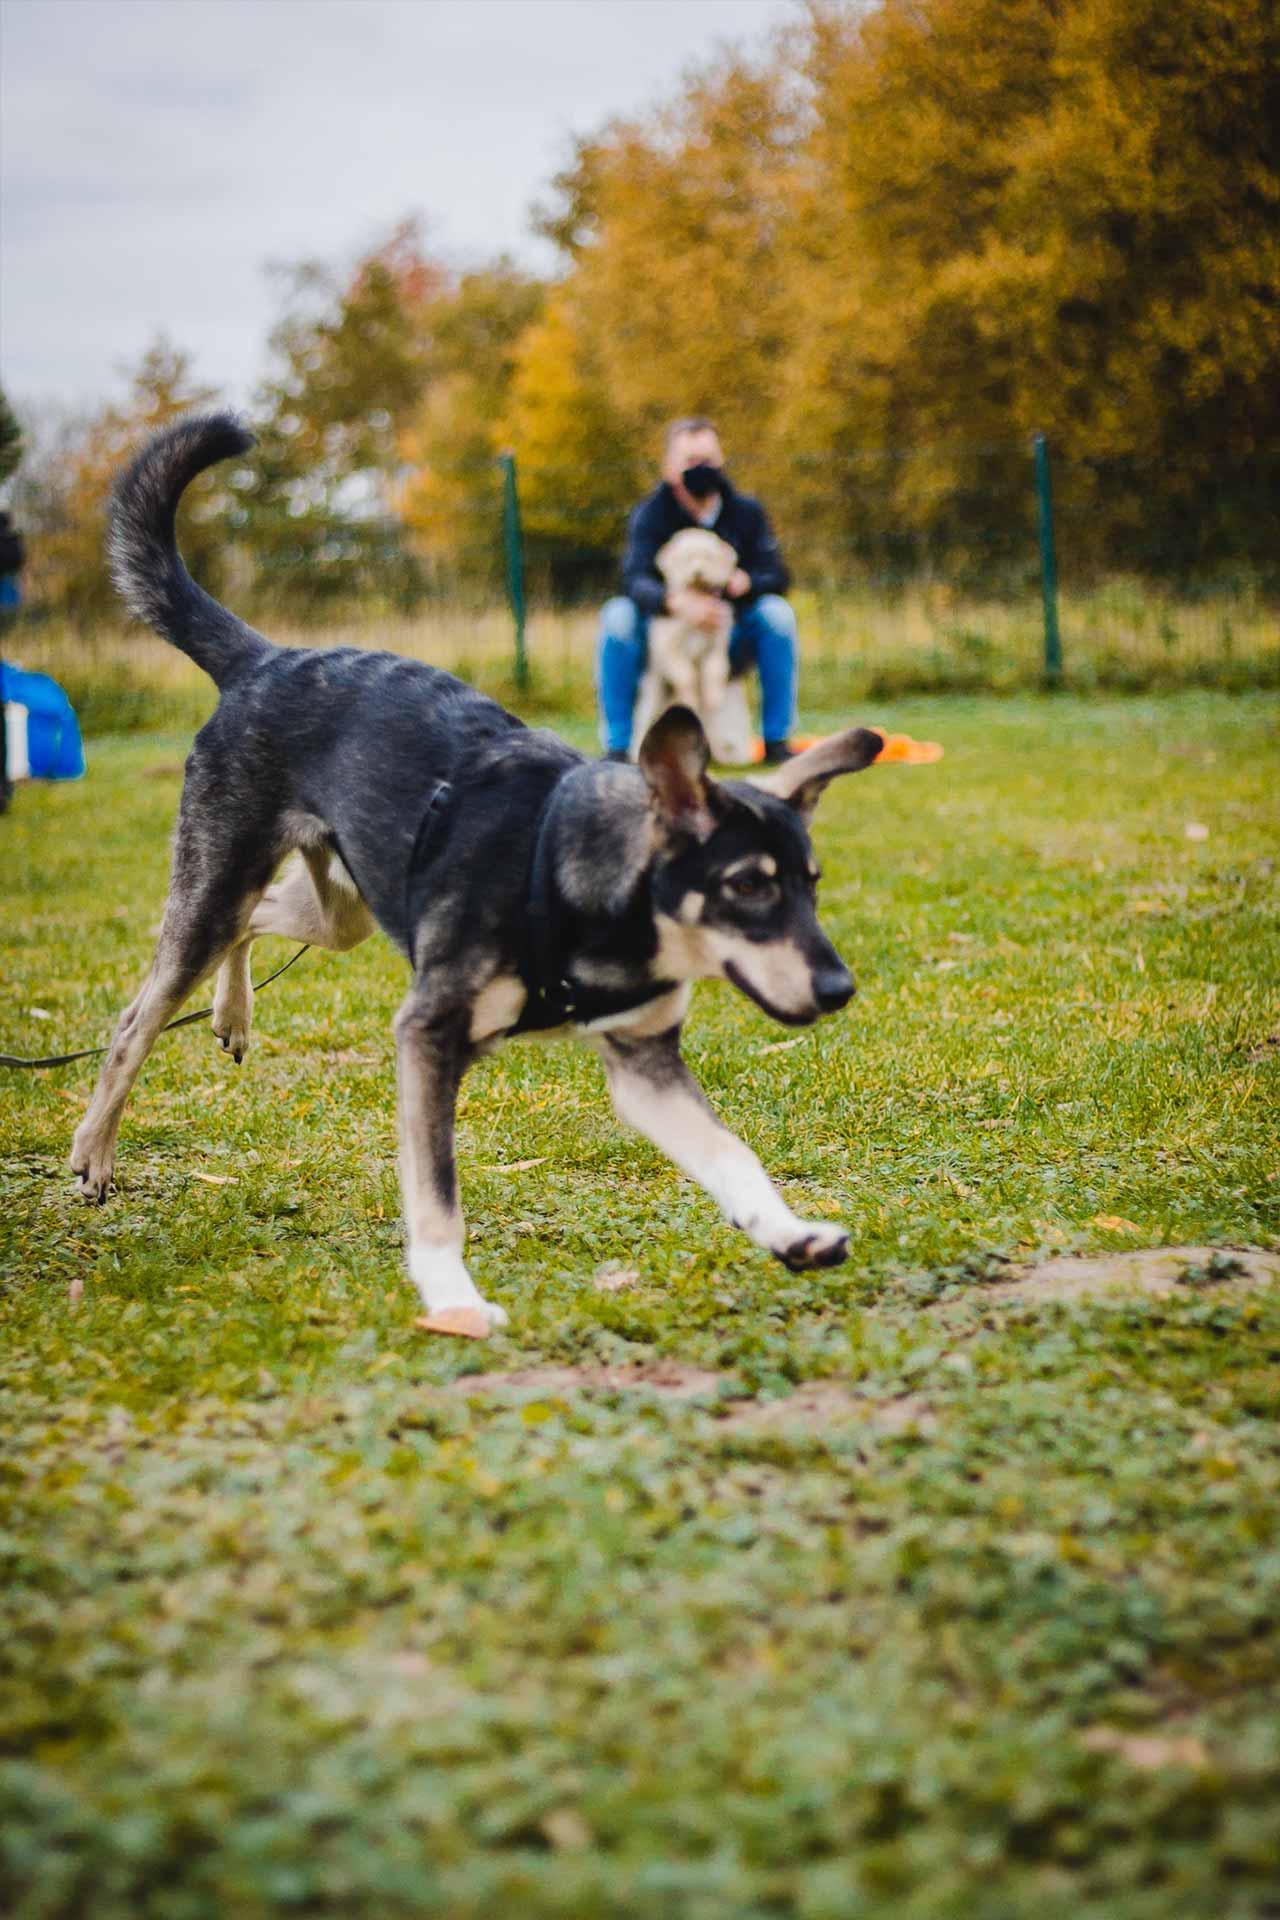 hundpunkt_hundeschule_muenster-kurse-longiren-3